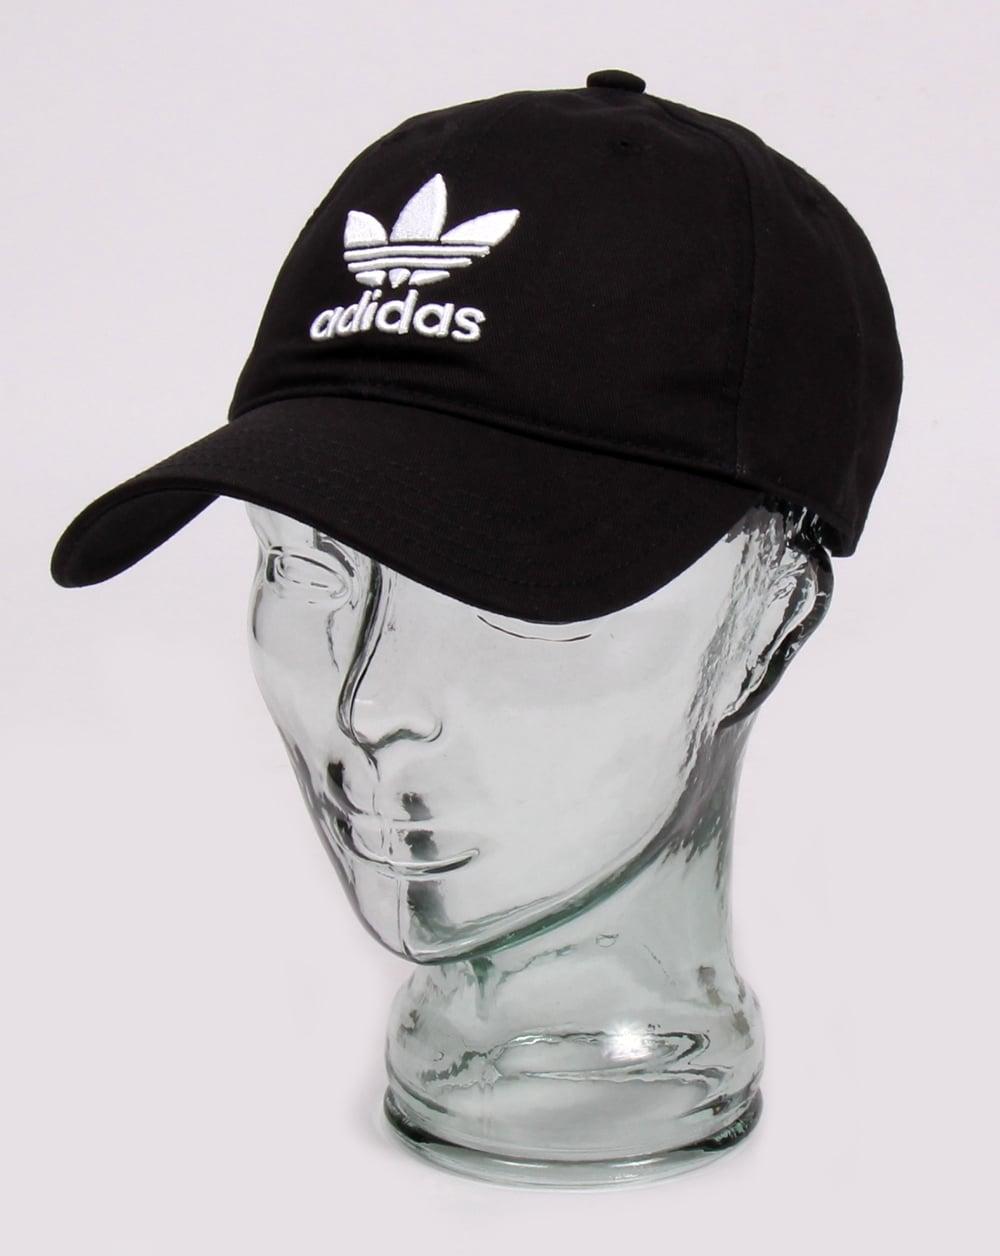 8f603d67b924ca adidas Originals Adidas Originals Trefoil Baseball Cap Black